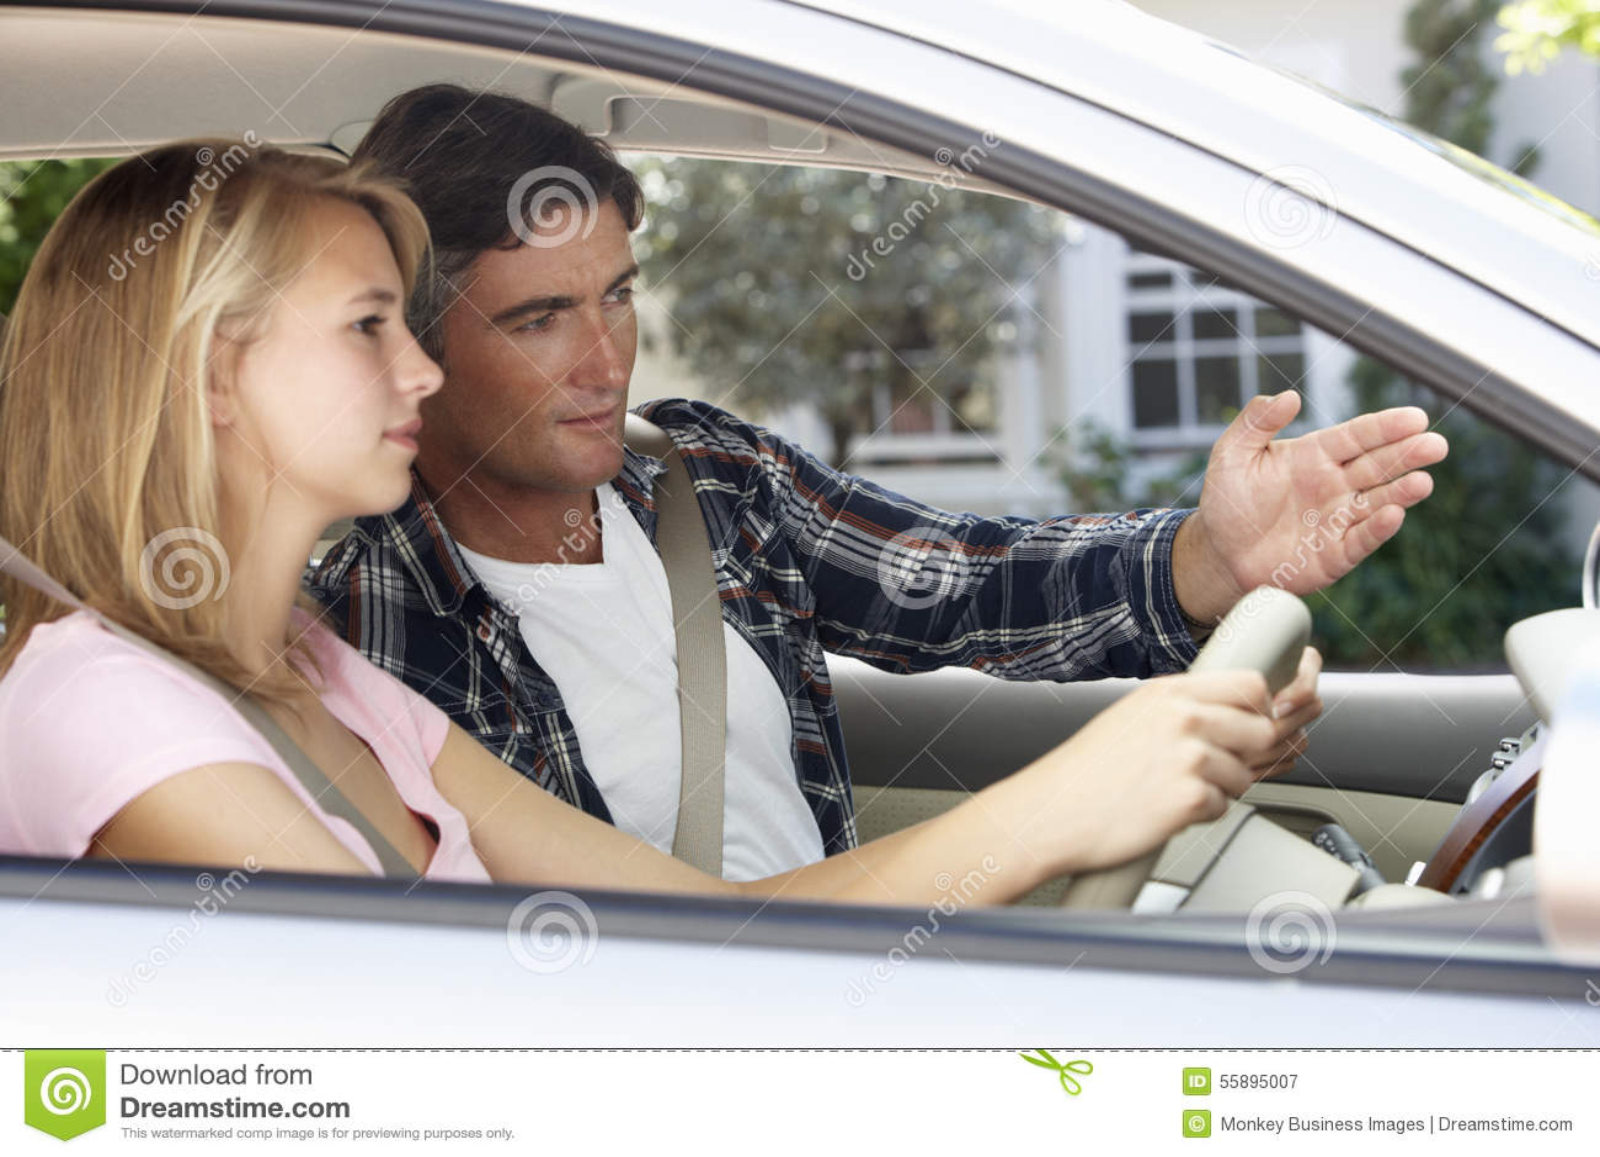 водительская дочька скачать